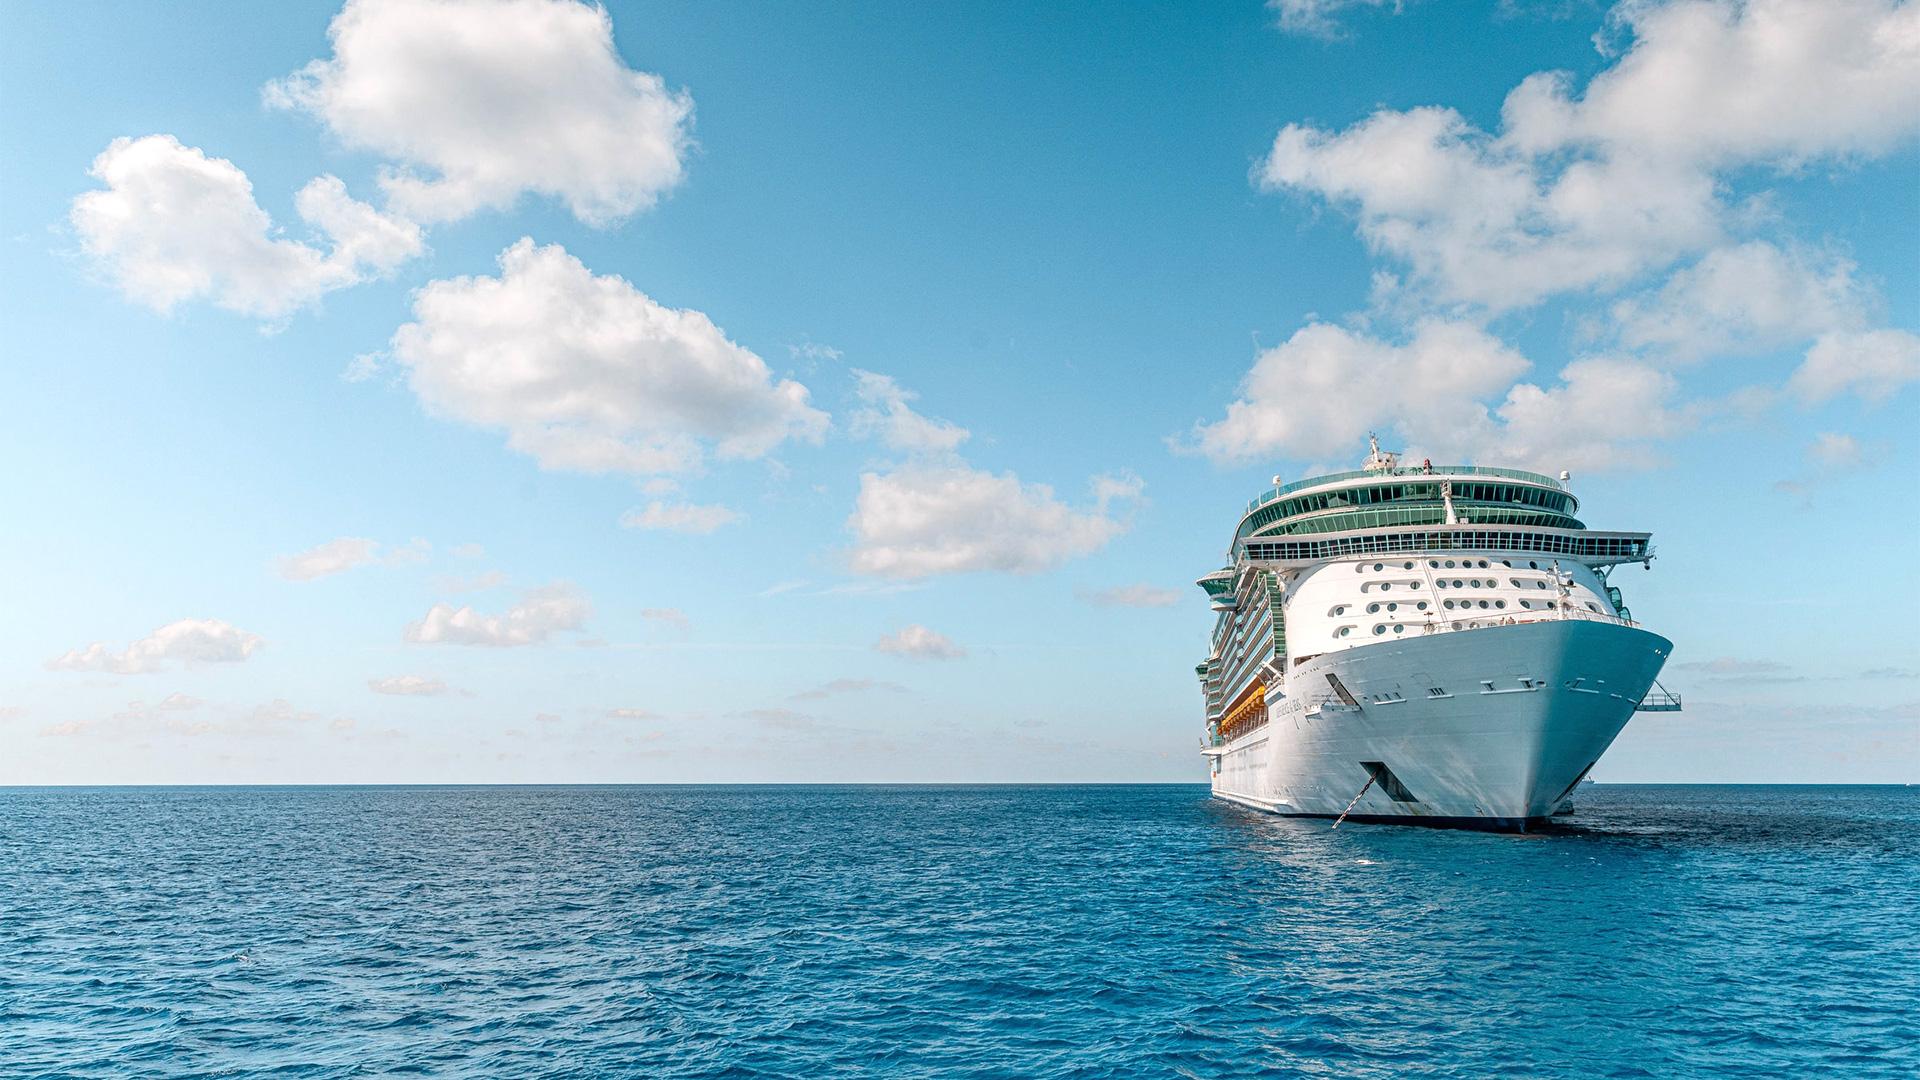 Cruceros sin destino en Singapur: nueva tendencia de viaje